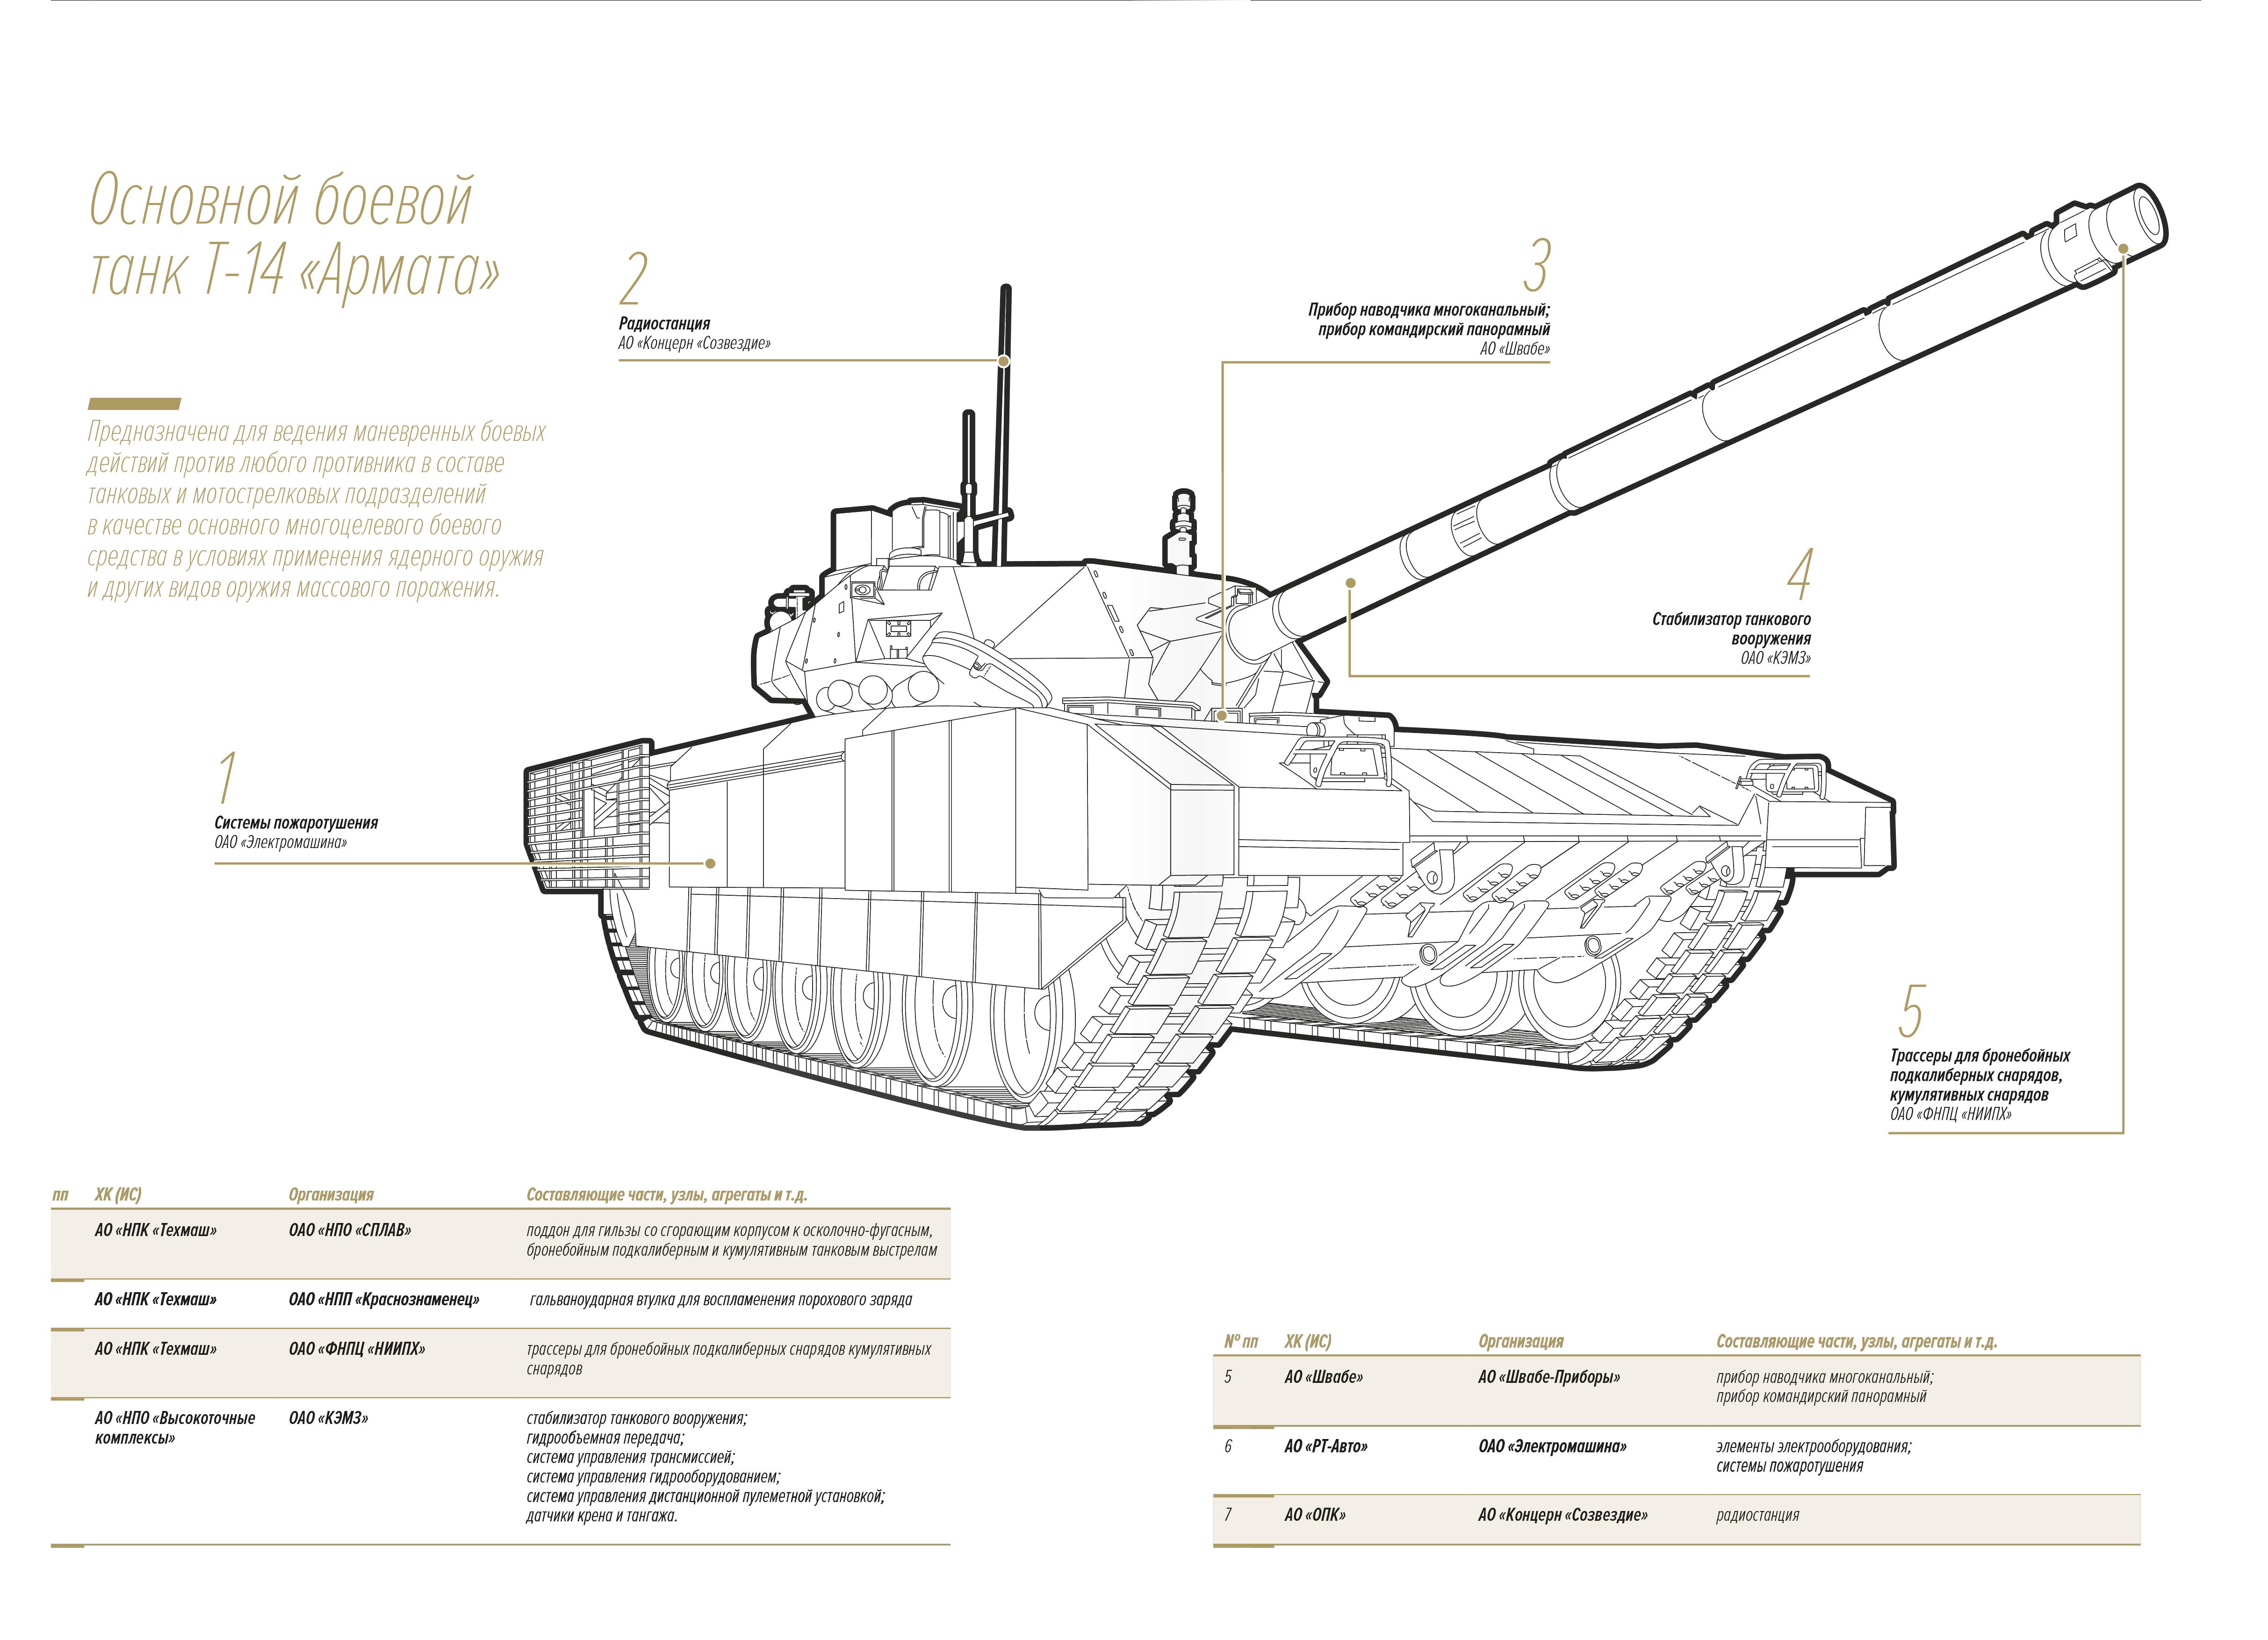 T-14 하부체계 개발업체들 명단의 일부